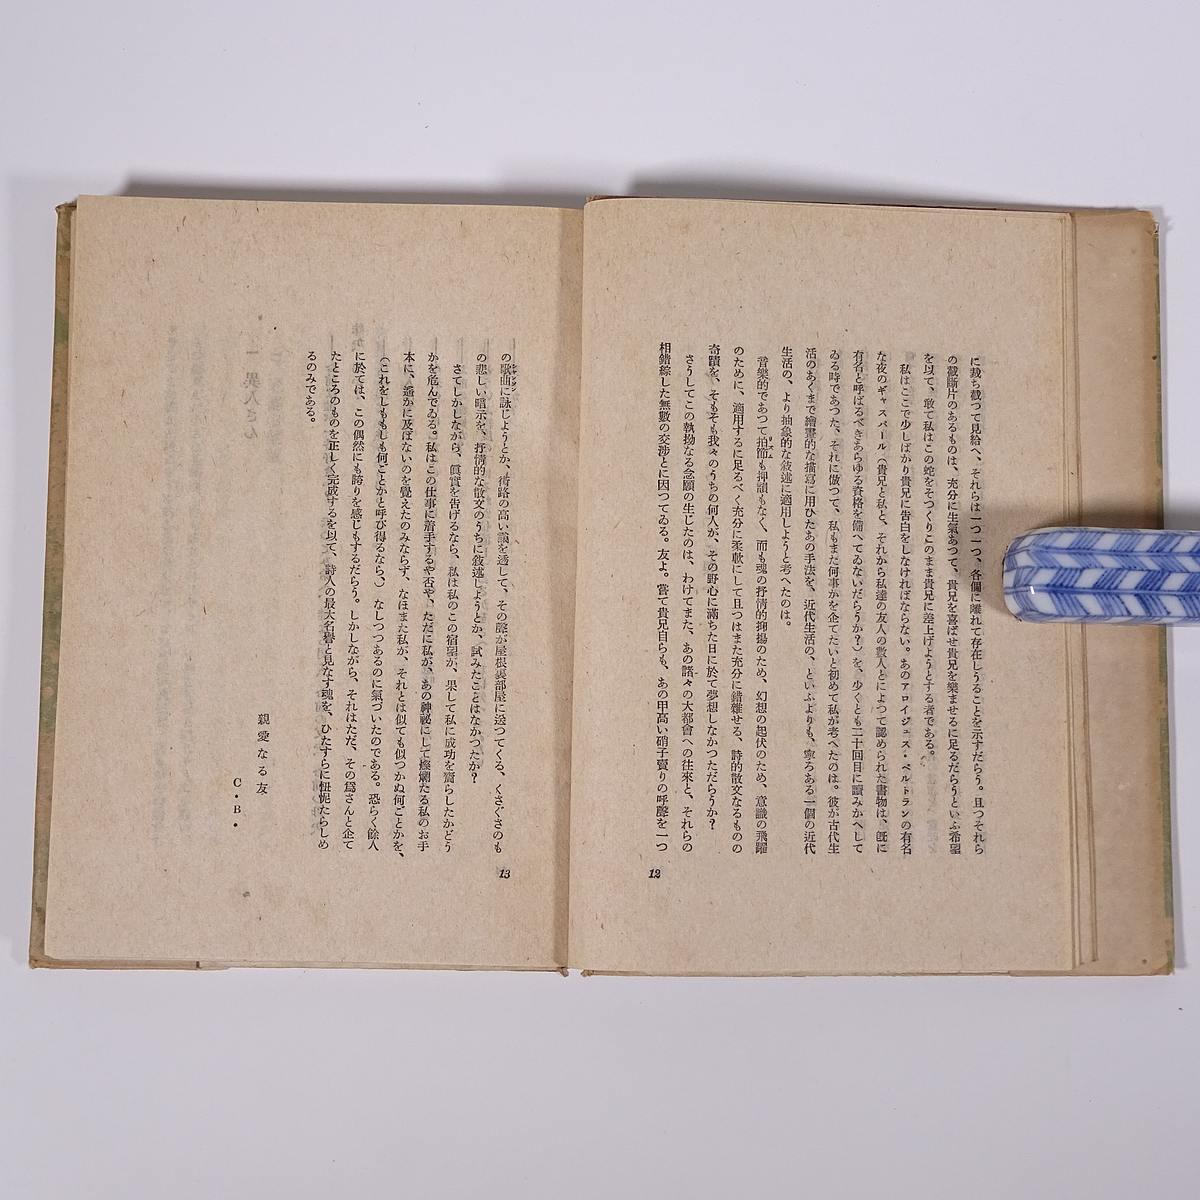 巴里の憂鬱 ボオドレエル著 三好達治訳 飛鳥新書 角川書店 昭和二二年 1947 古書 単行本 文学 文芸 随筆 随想 パリの憂鬱 ボードレール_画像10